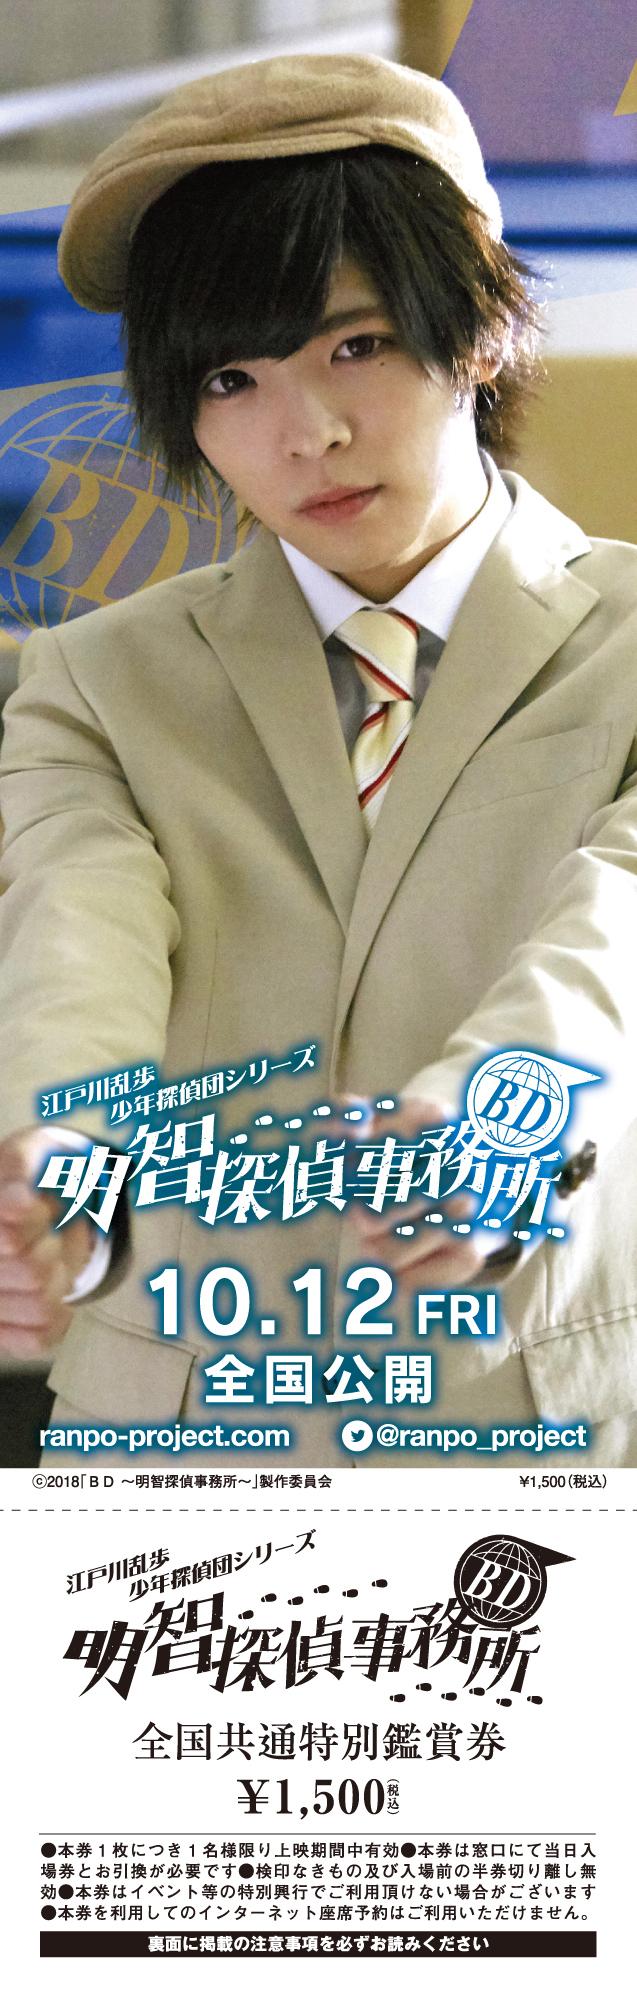 ticket_omote06.jpg